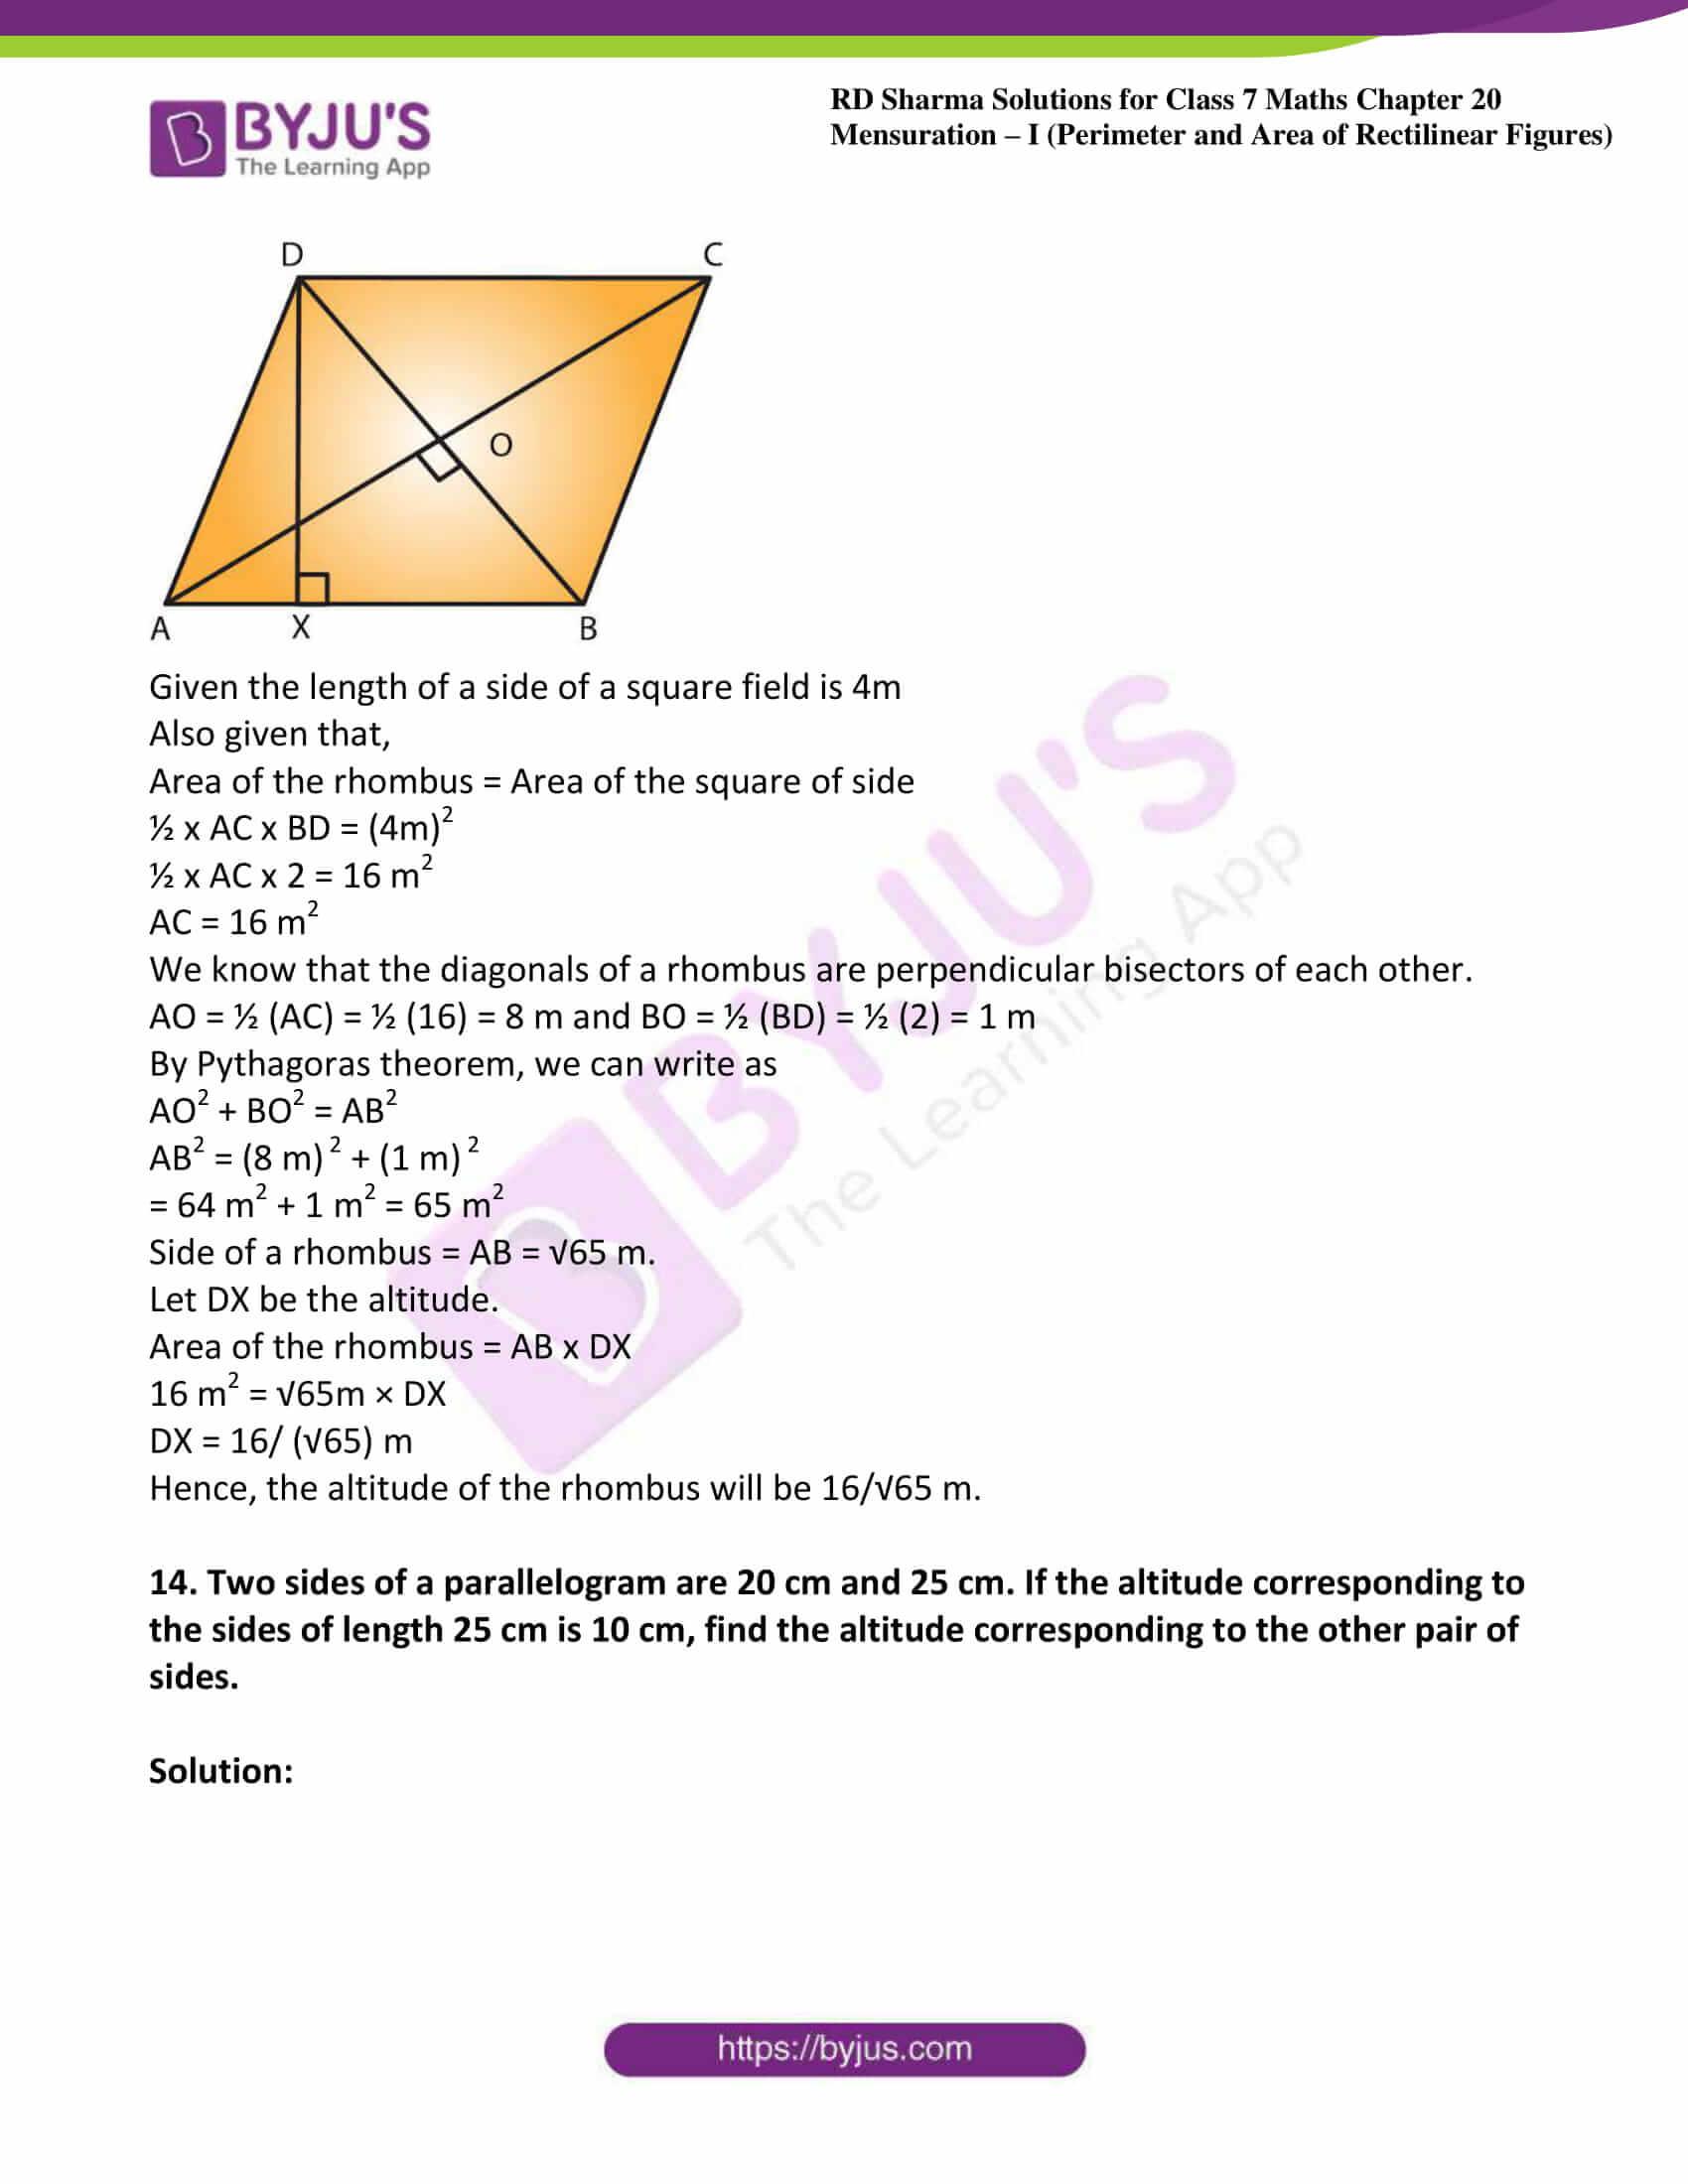 rd sharma maths class7 solution chapter 20 ex 3 09